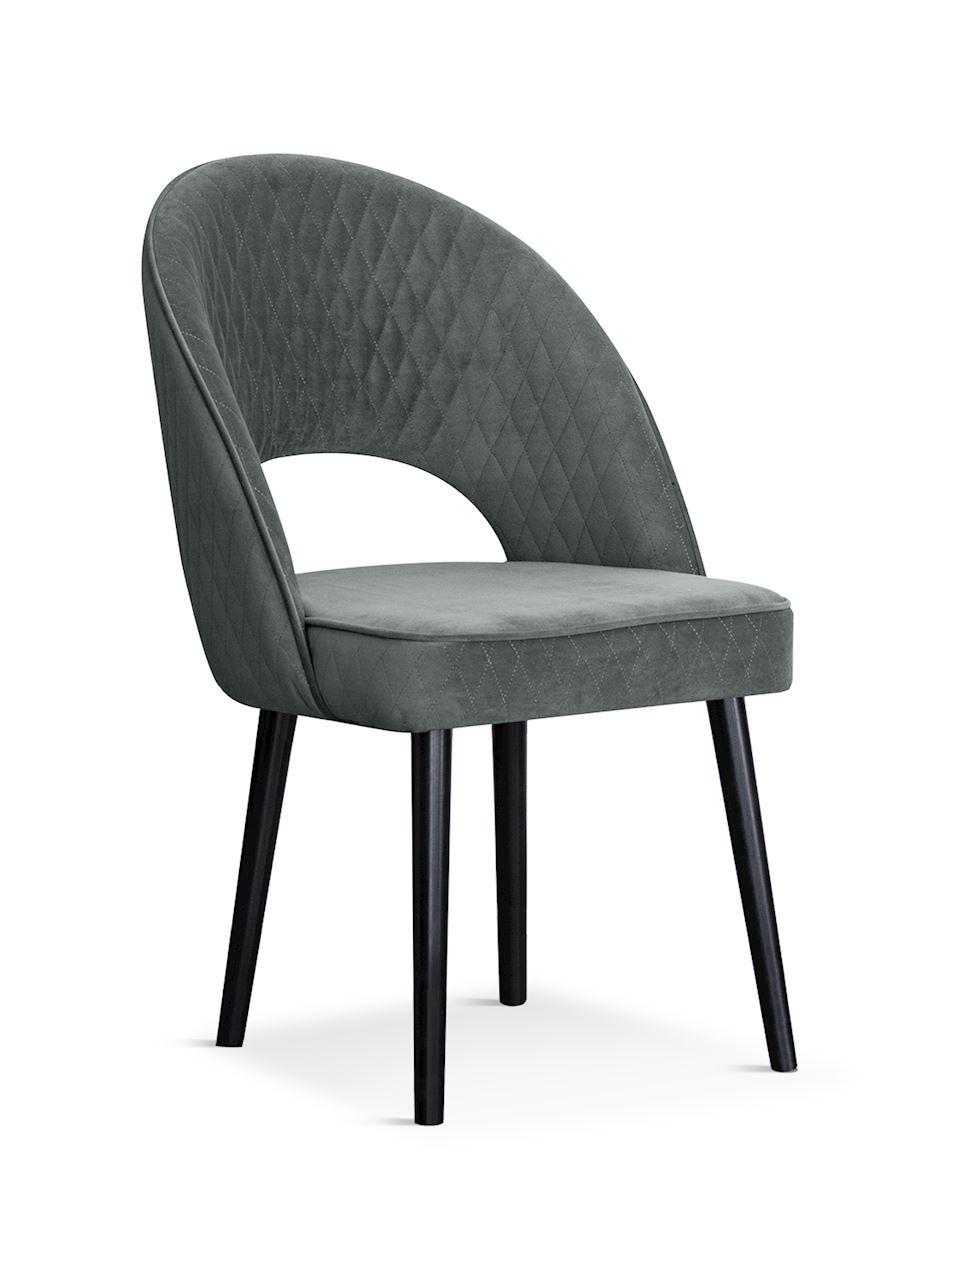 Scaun tapitat cu stofa, cu picioare din lemn Ponte Grey / Black, l56xA63xH89 cm